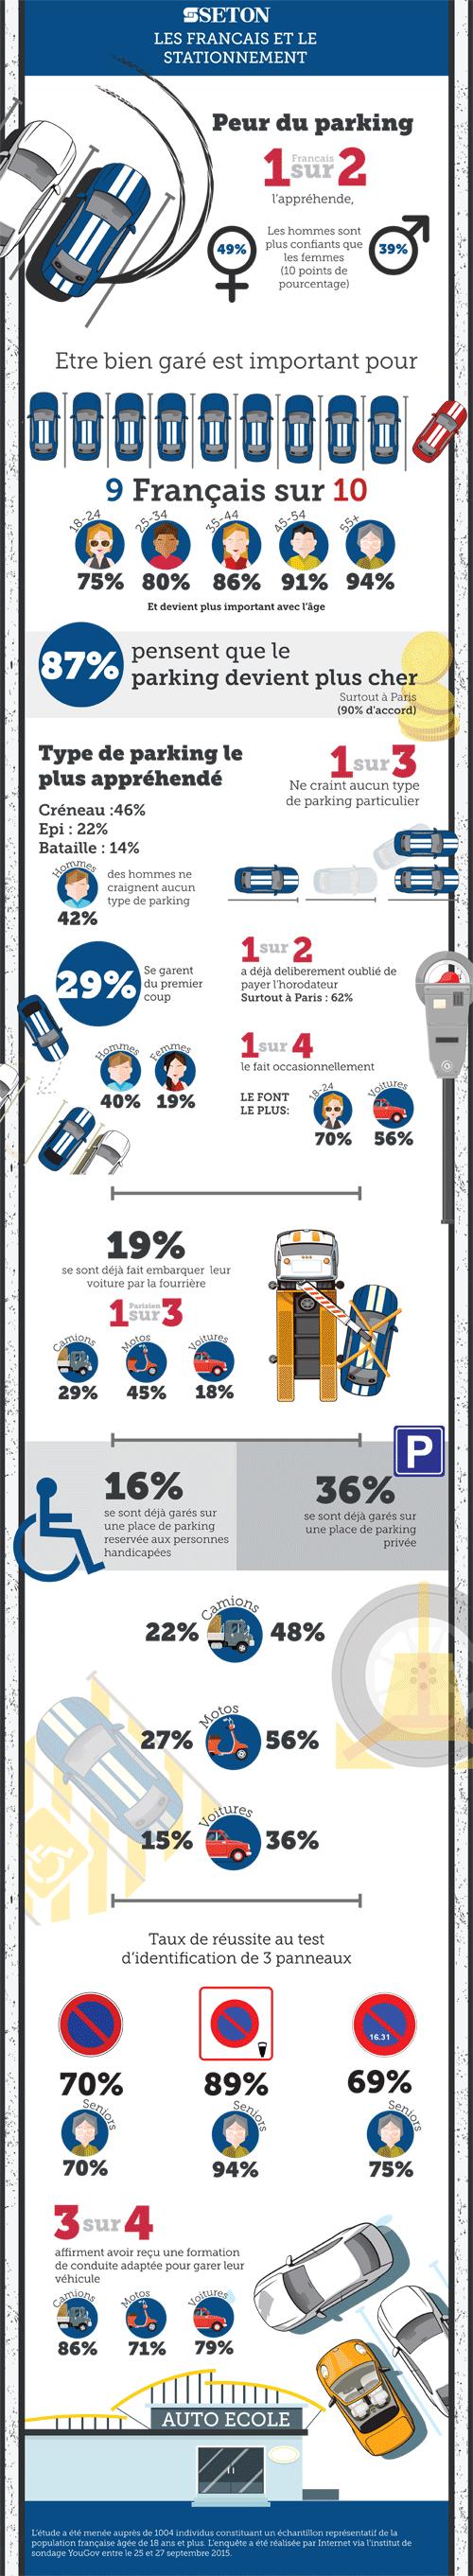 infographie-les-francais-et-le-stationnement